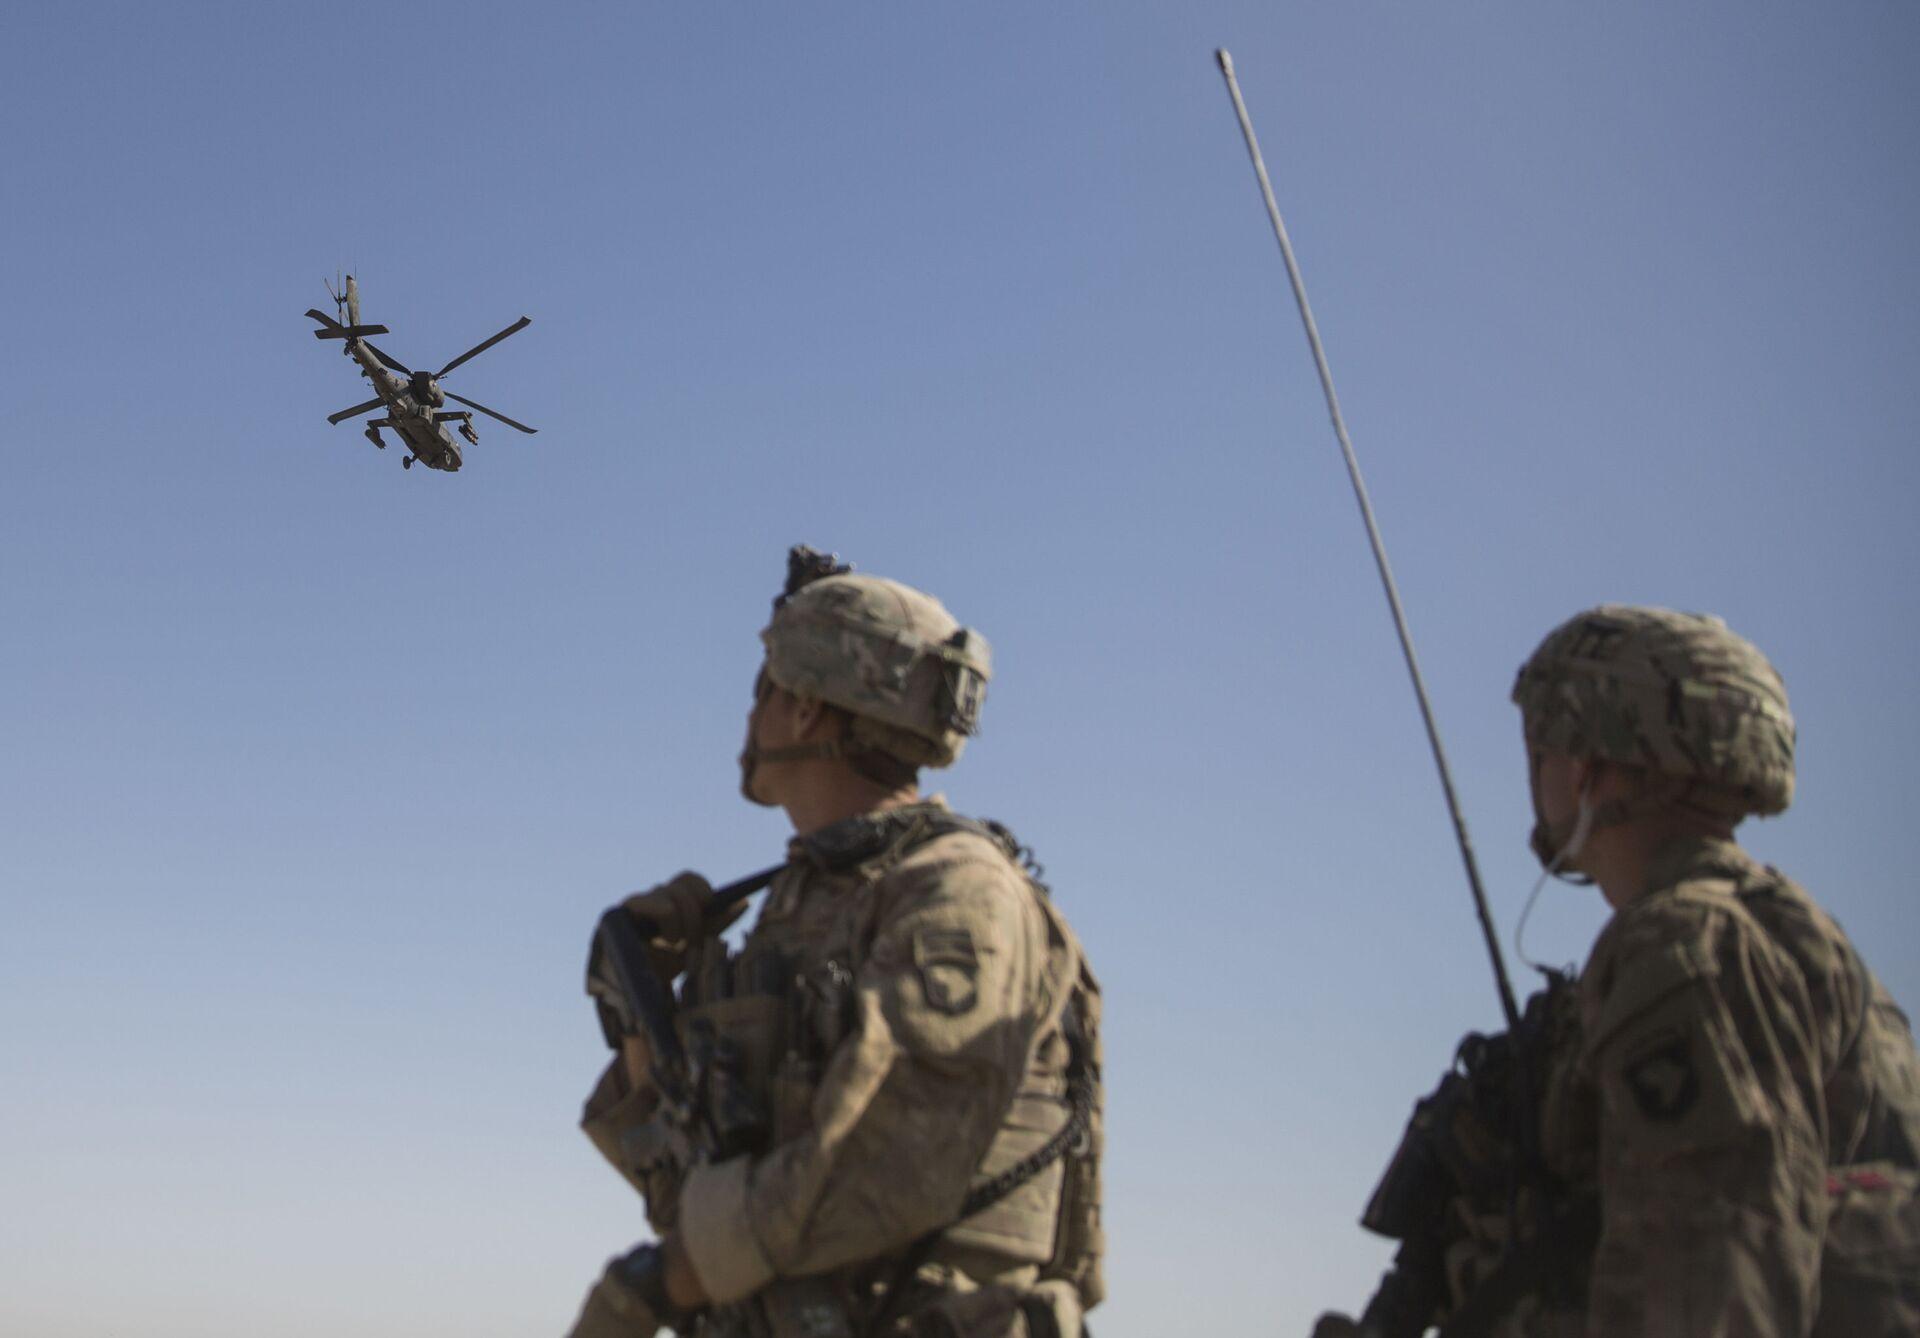 Hương vị Việt Nam: chiến dịch kéo dài 20 năm của Mỹ ở Afghanistan sắp kết thúc - Sputnik Việt Nam, 1920, 30.04.2021